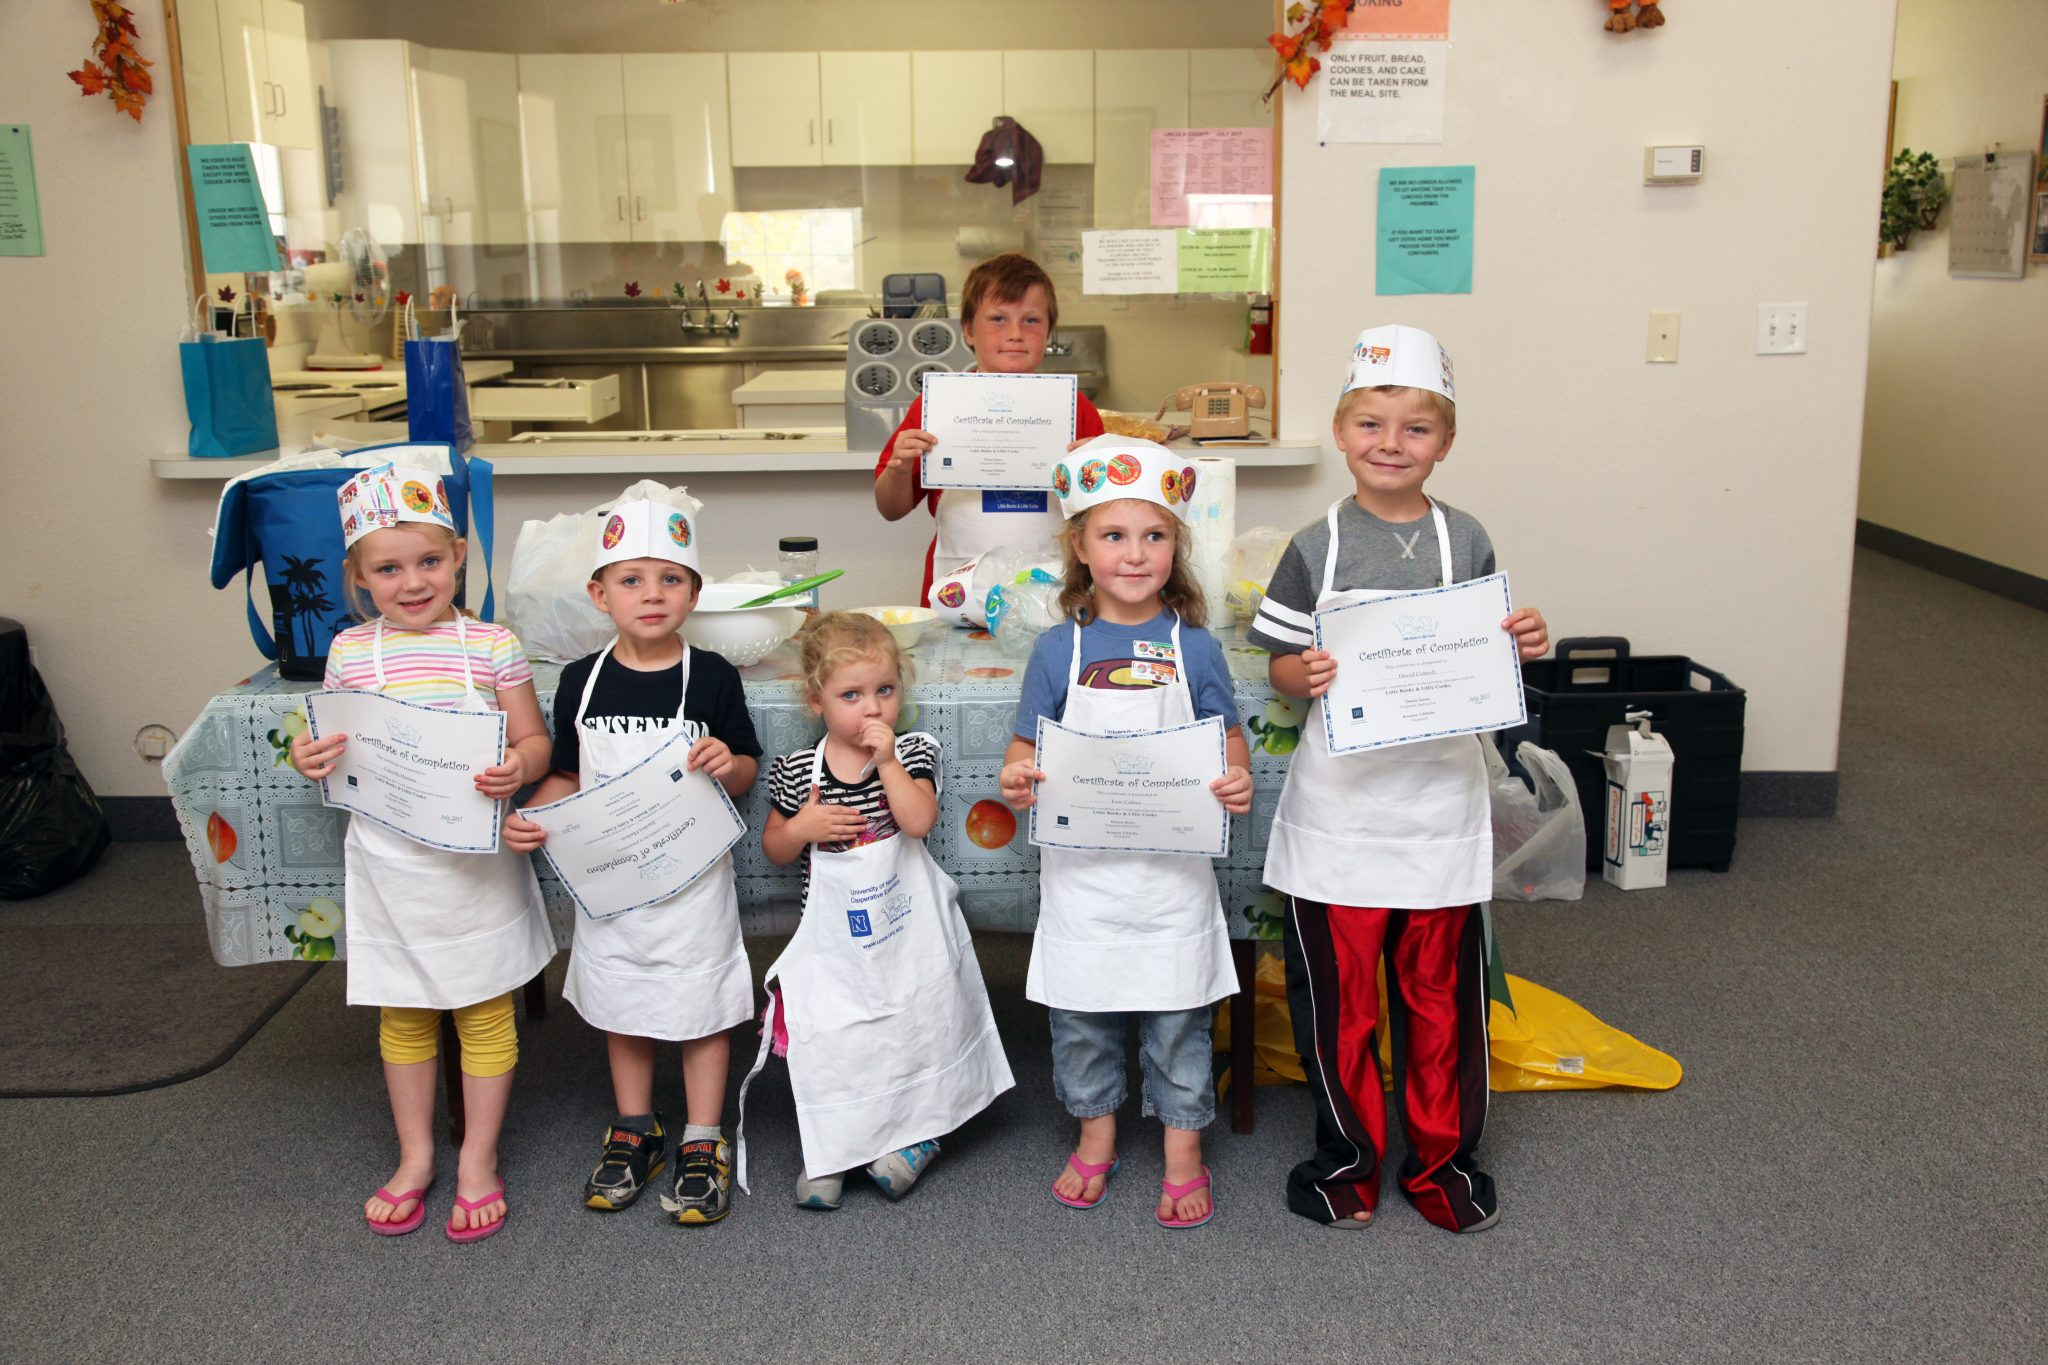 Preschoolers Graduate Cooking Class